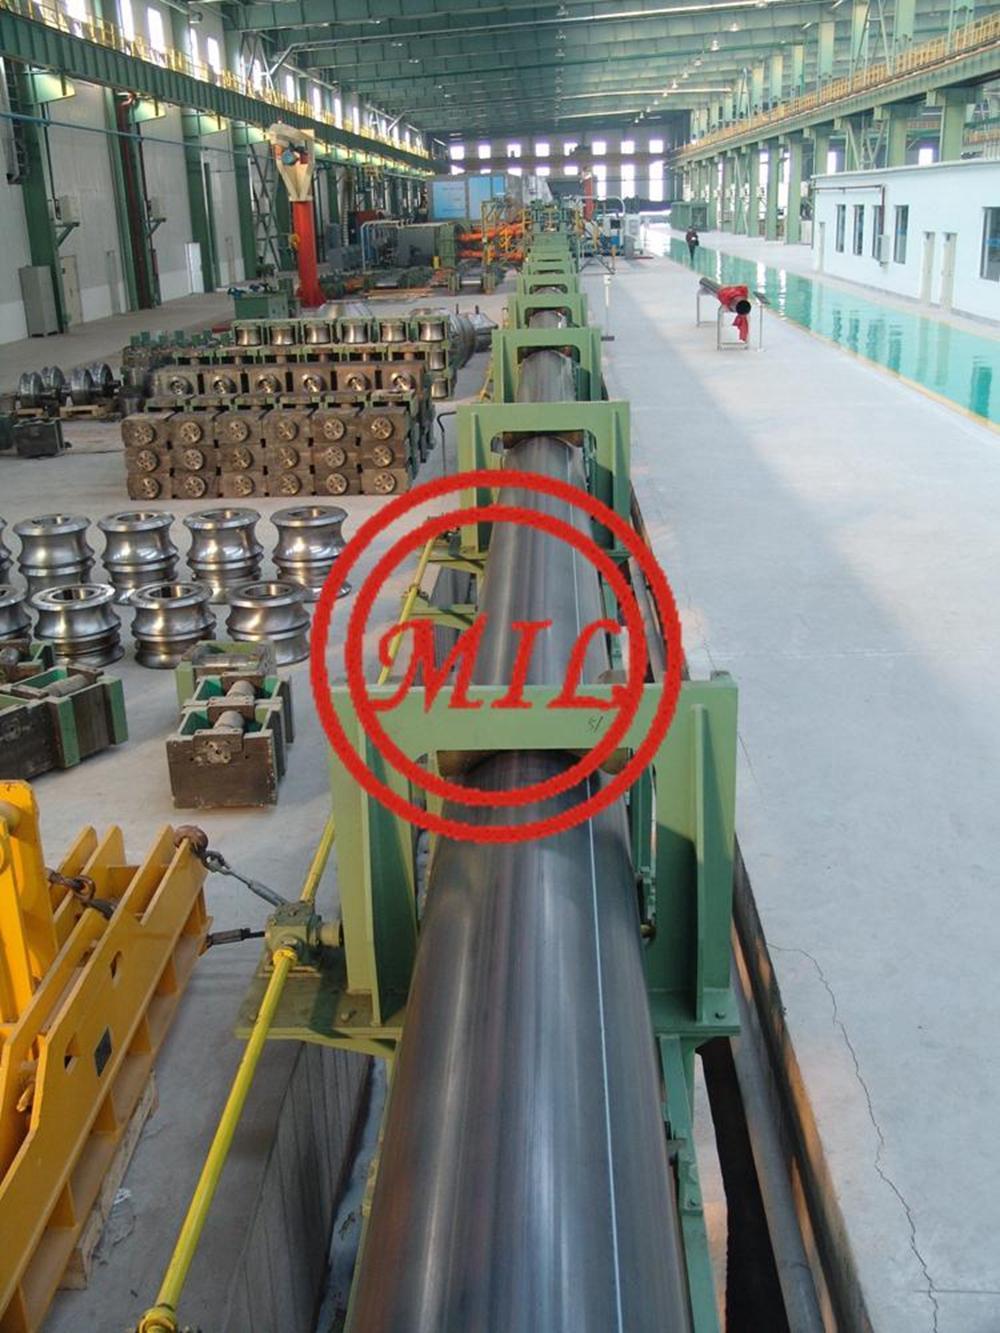 高頻直縫焊管-API 5L,AS1163,AS 2885-1 7